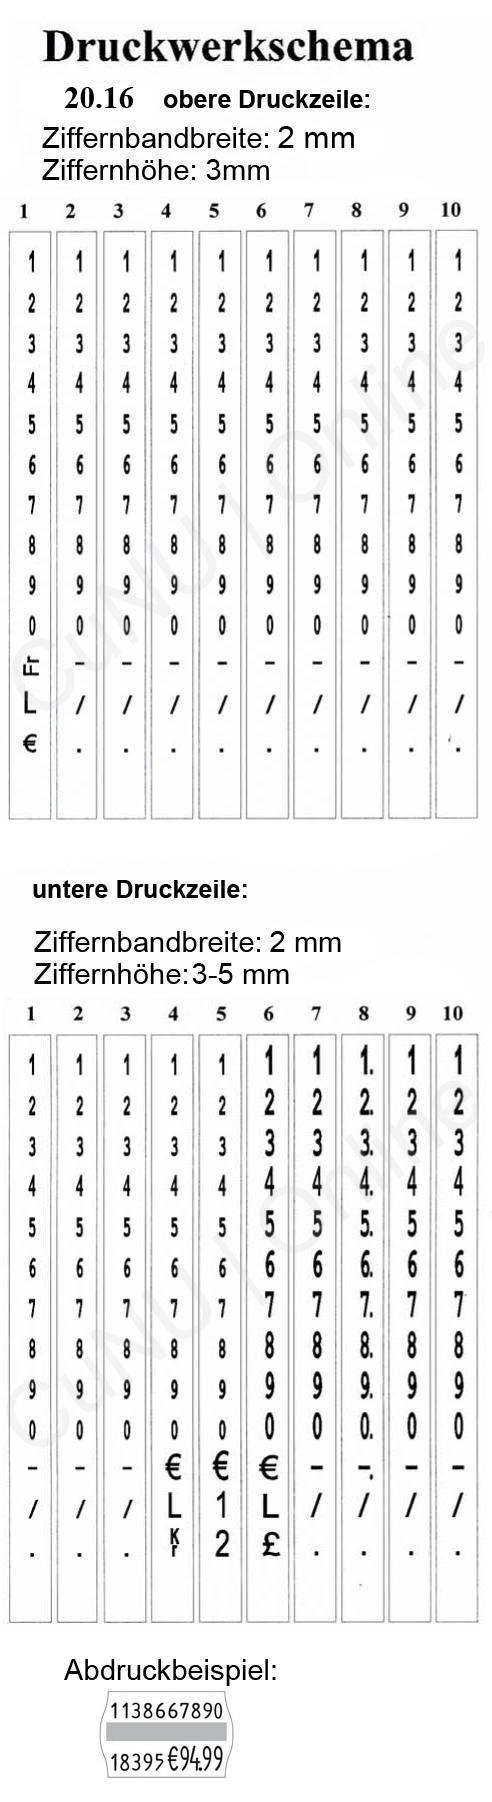 Artikelnummer auszeichnen mit dem contact premium 20.16 Preisauszeichner